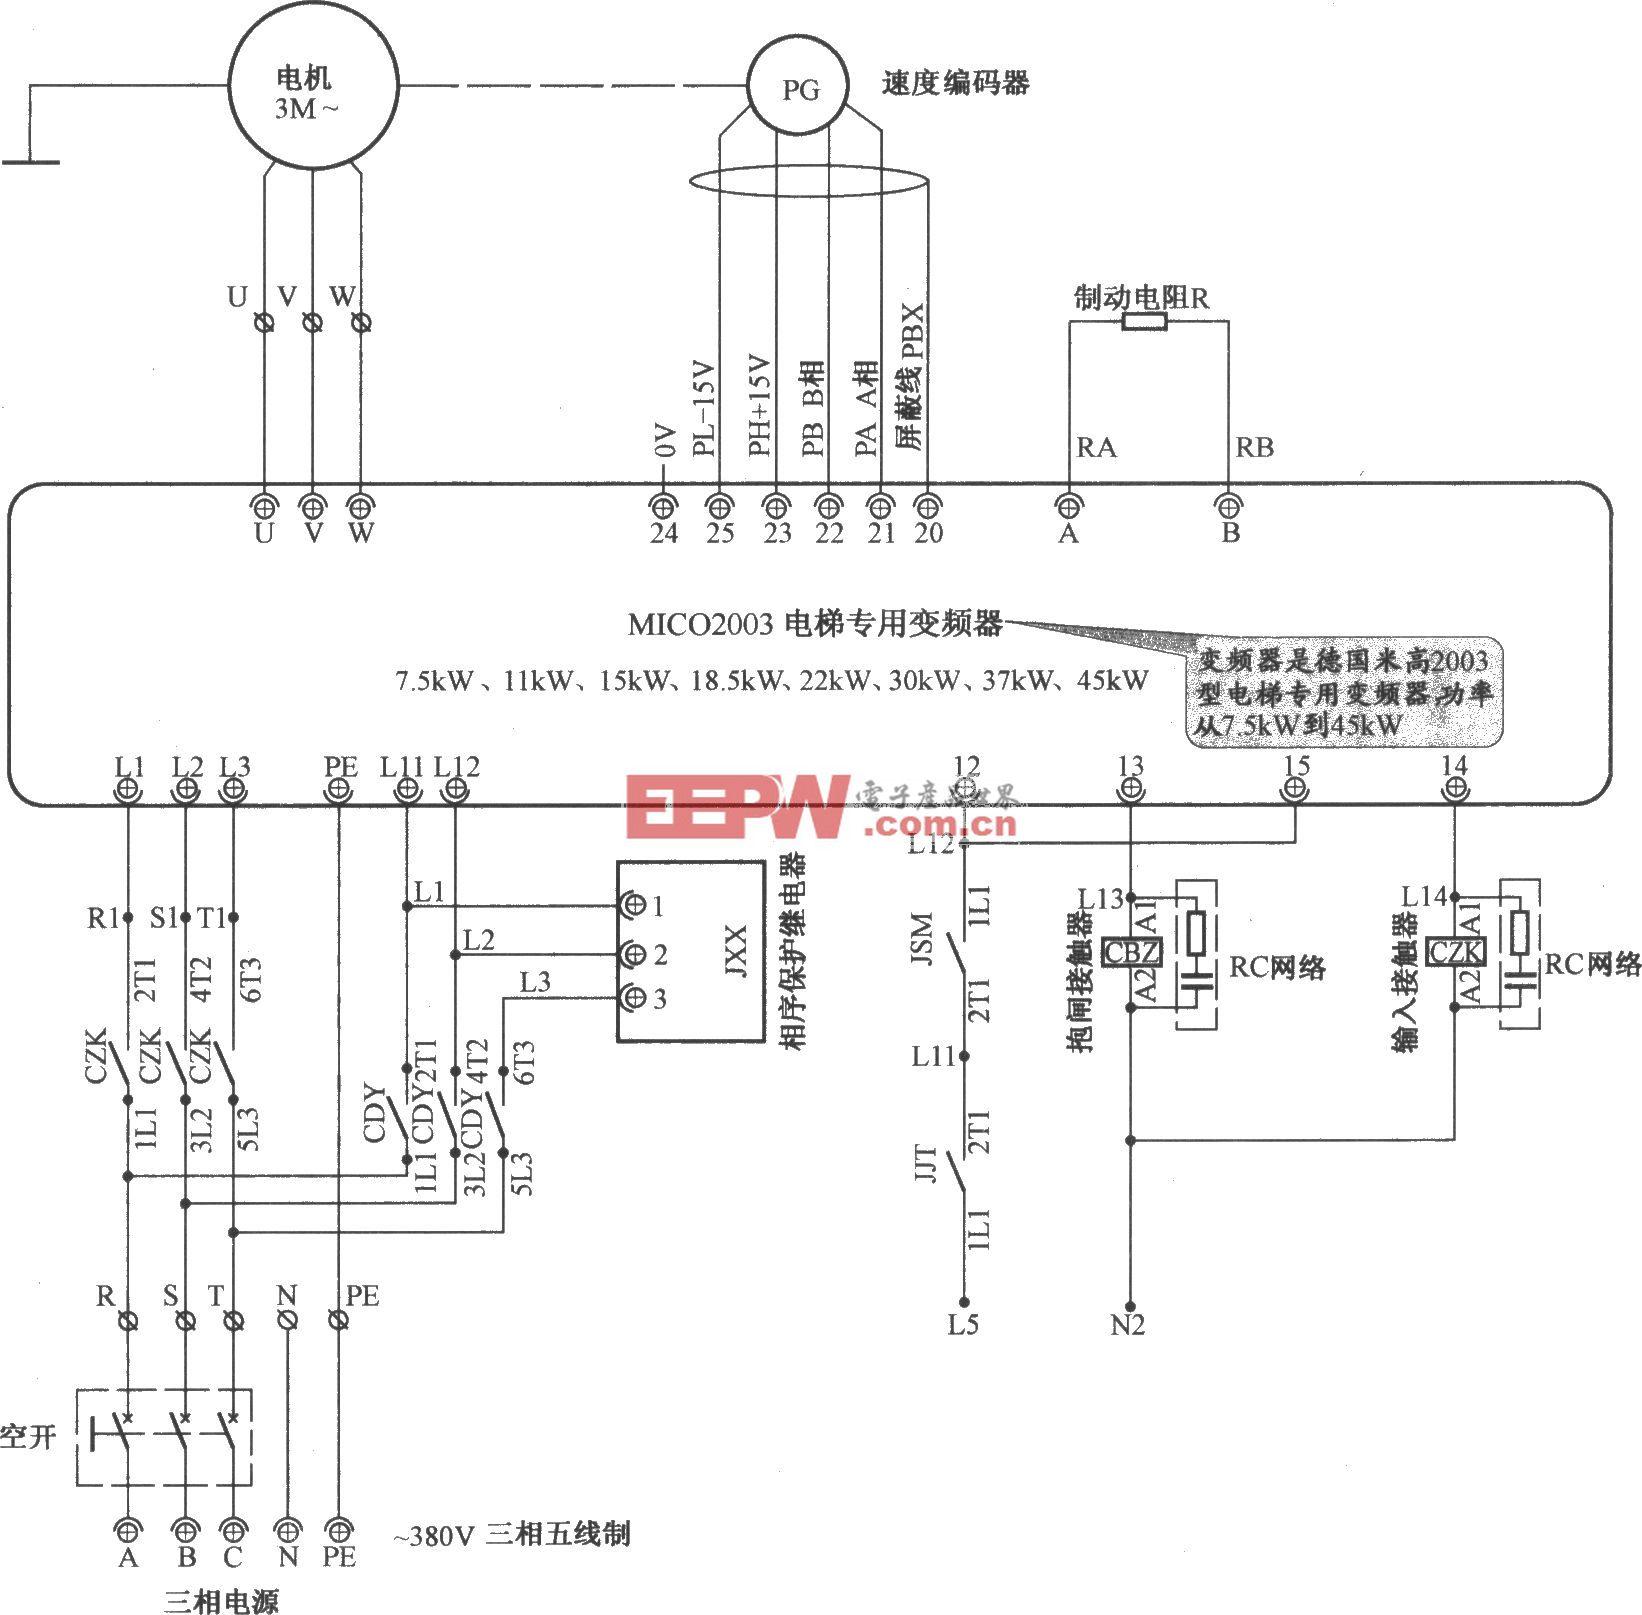 北京冲云电梯主电路(1)